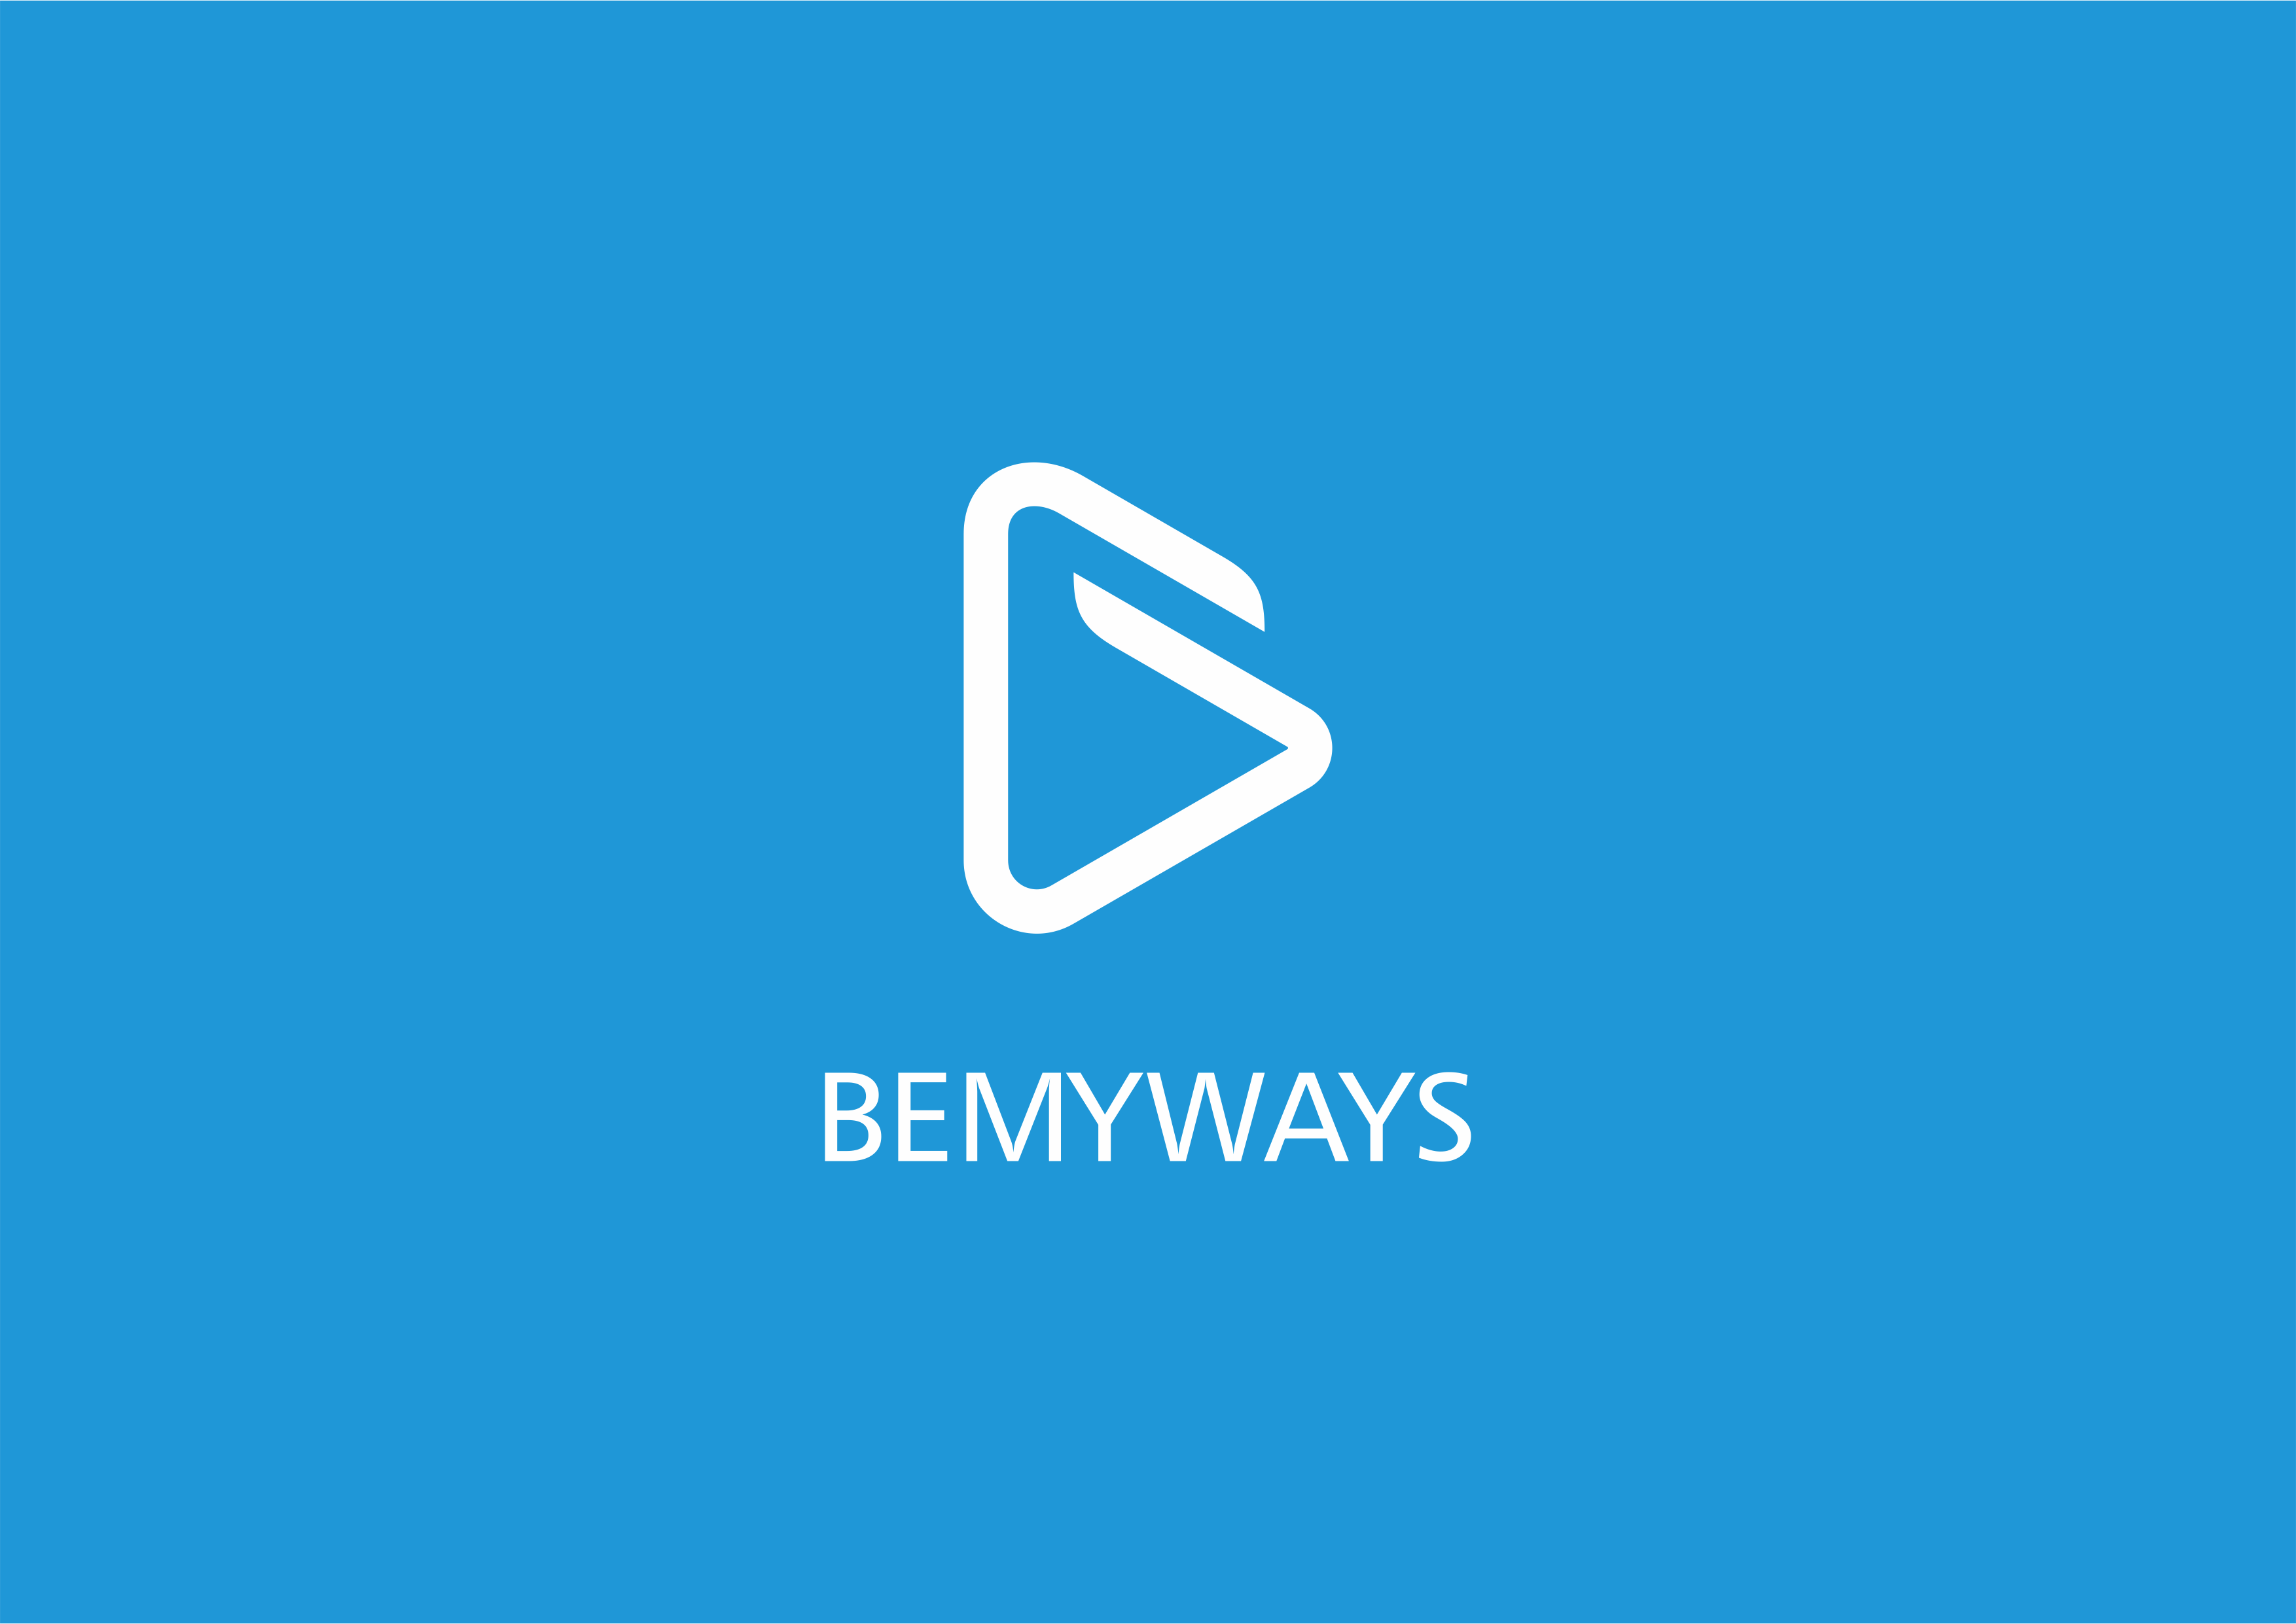 Разработка логотипа и иконки для Travel Video Platform фото f_4975c388b275f756.png